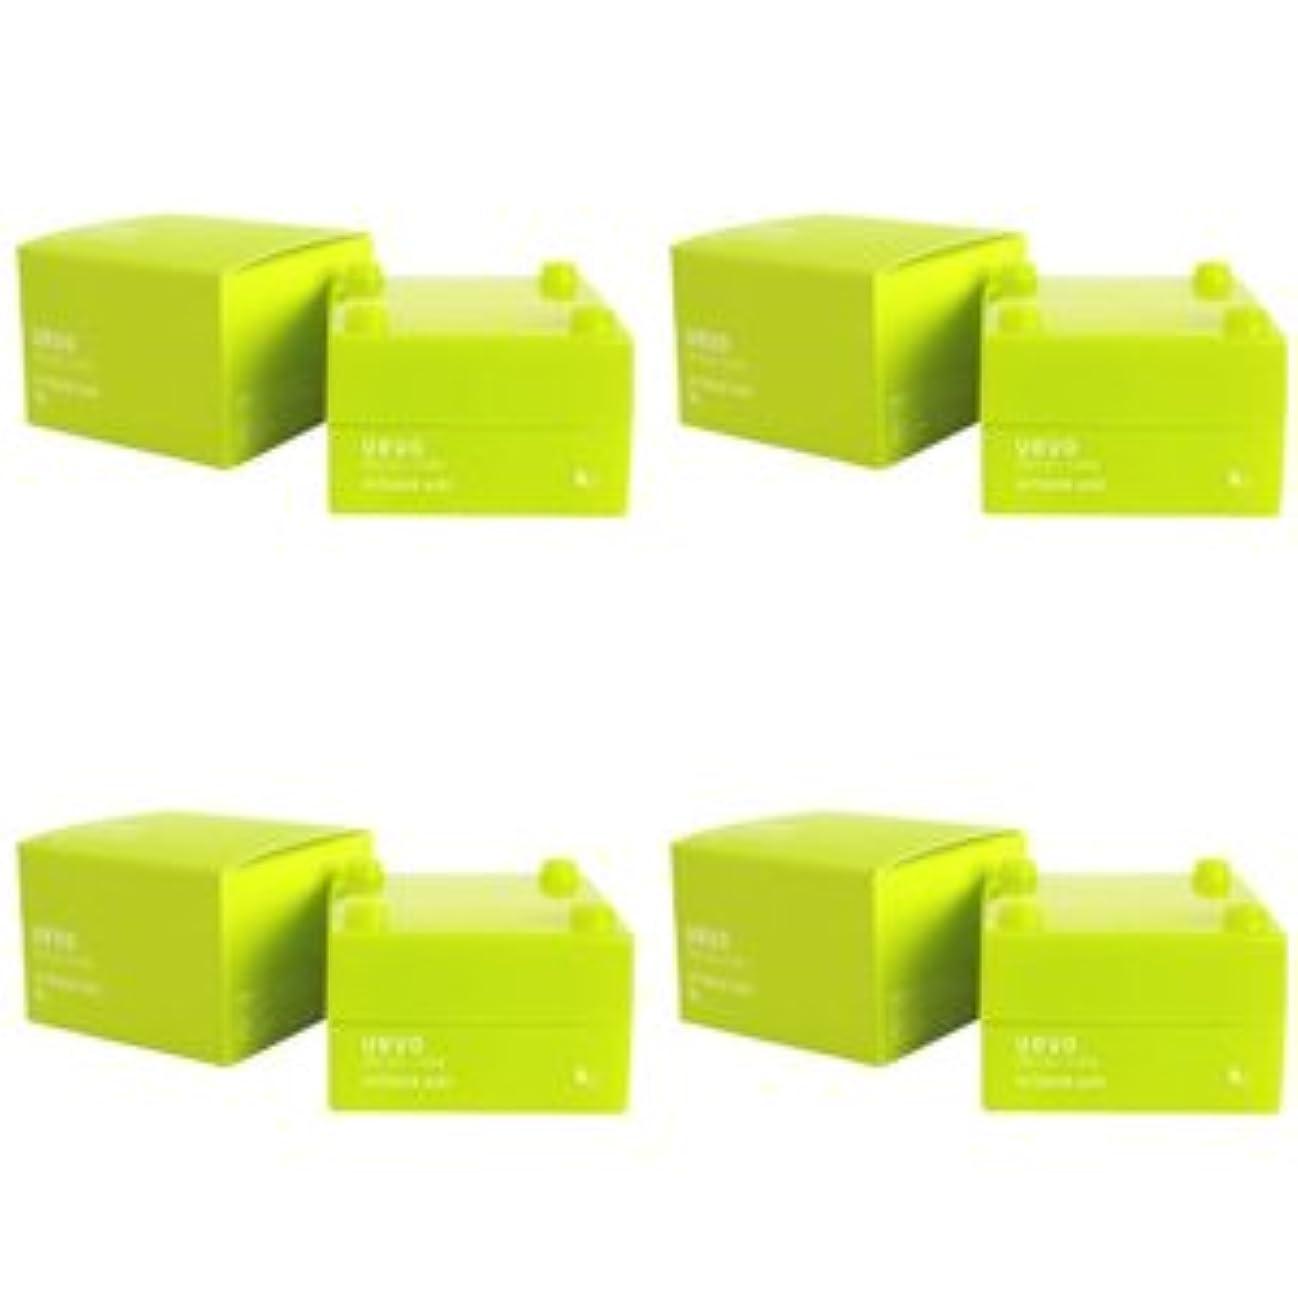 ウルルかろうじて私達【X4個セット】 デミ ウェーボ デザインキューブ エアルーズワックス 30g airloose wax DEMI uevo design cube